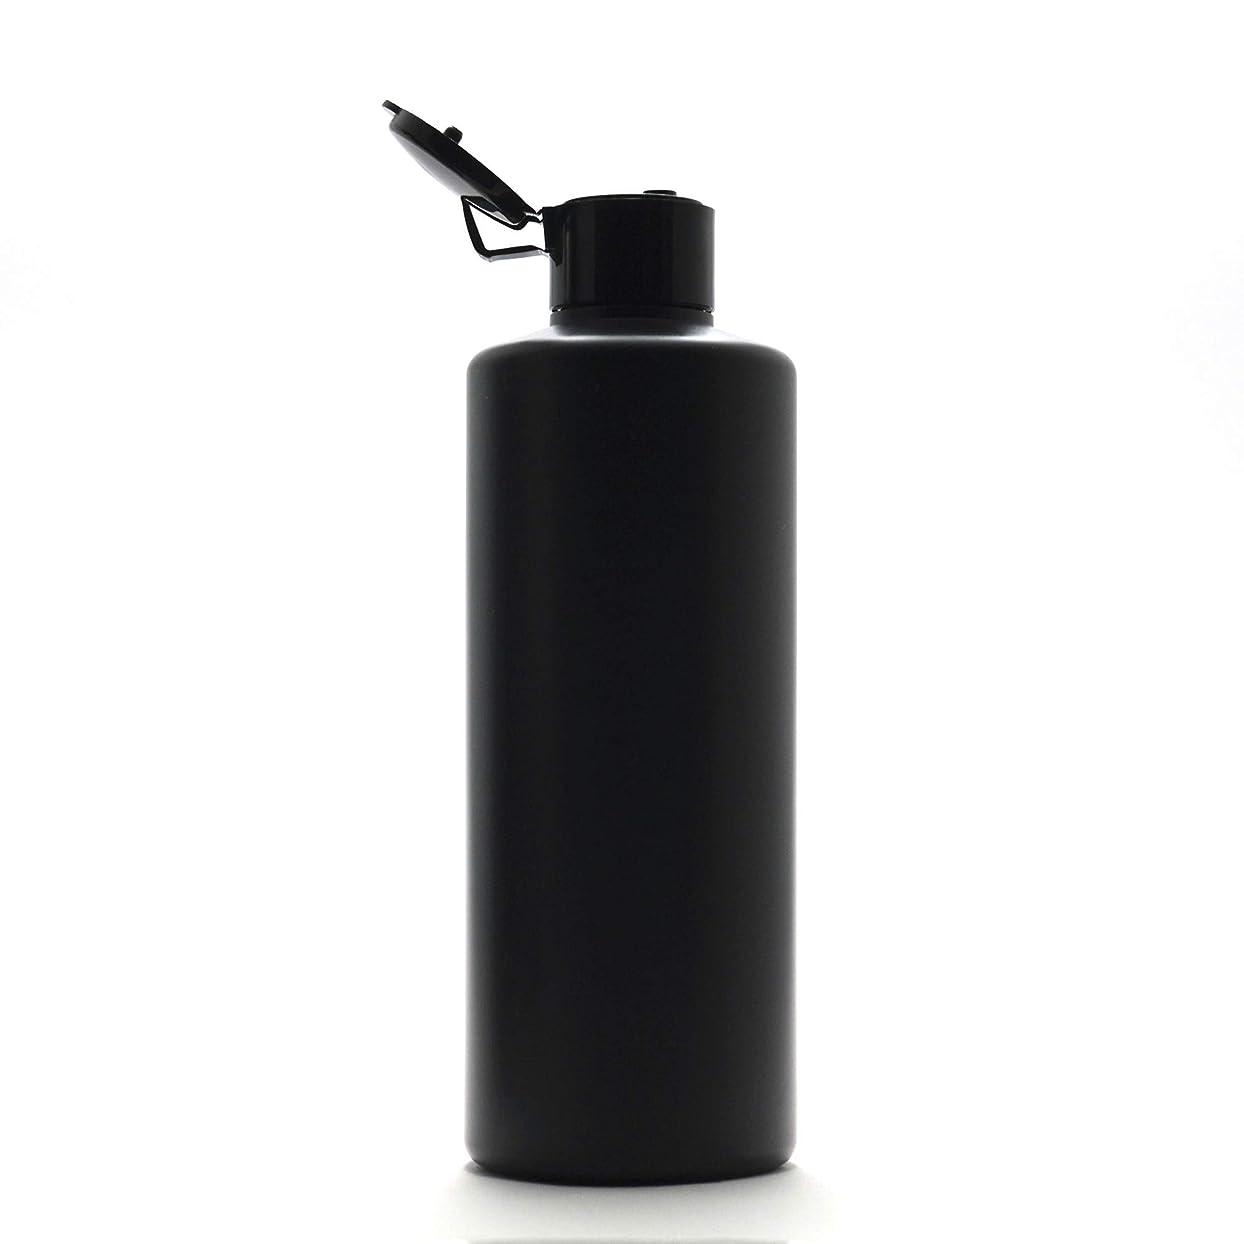 決めます認証カブプラスチック容器 300ml PE ストレートボトル [ ボトル: 遮光黒 / ヒンジキャプ:ブラック ※パッキン付き ]